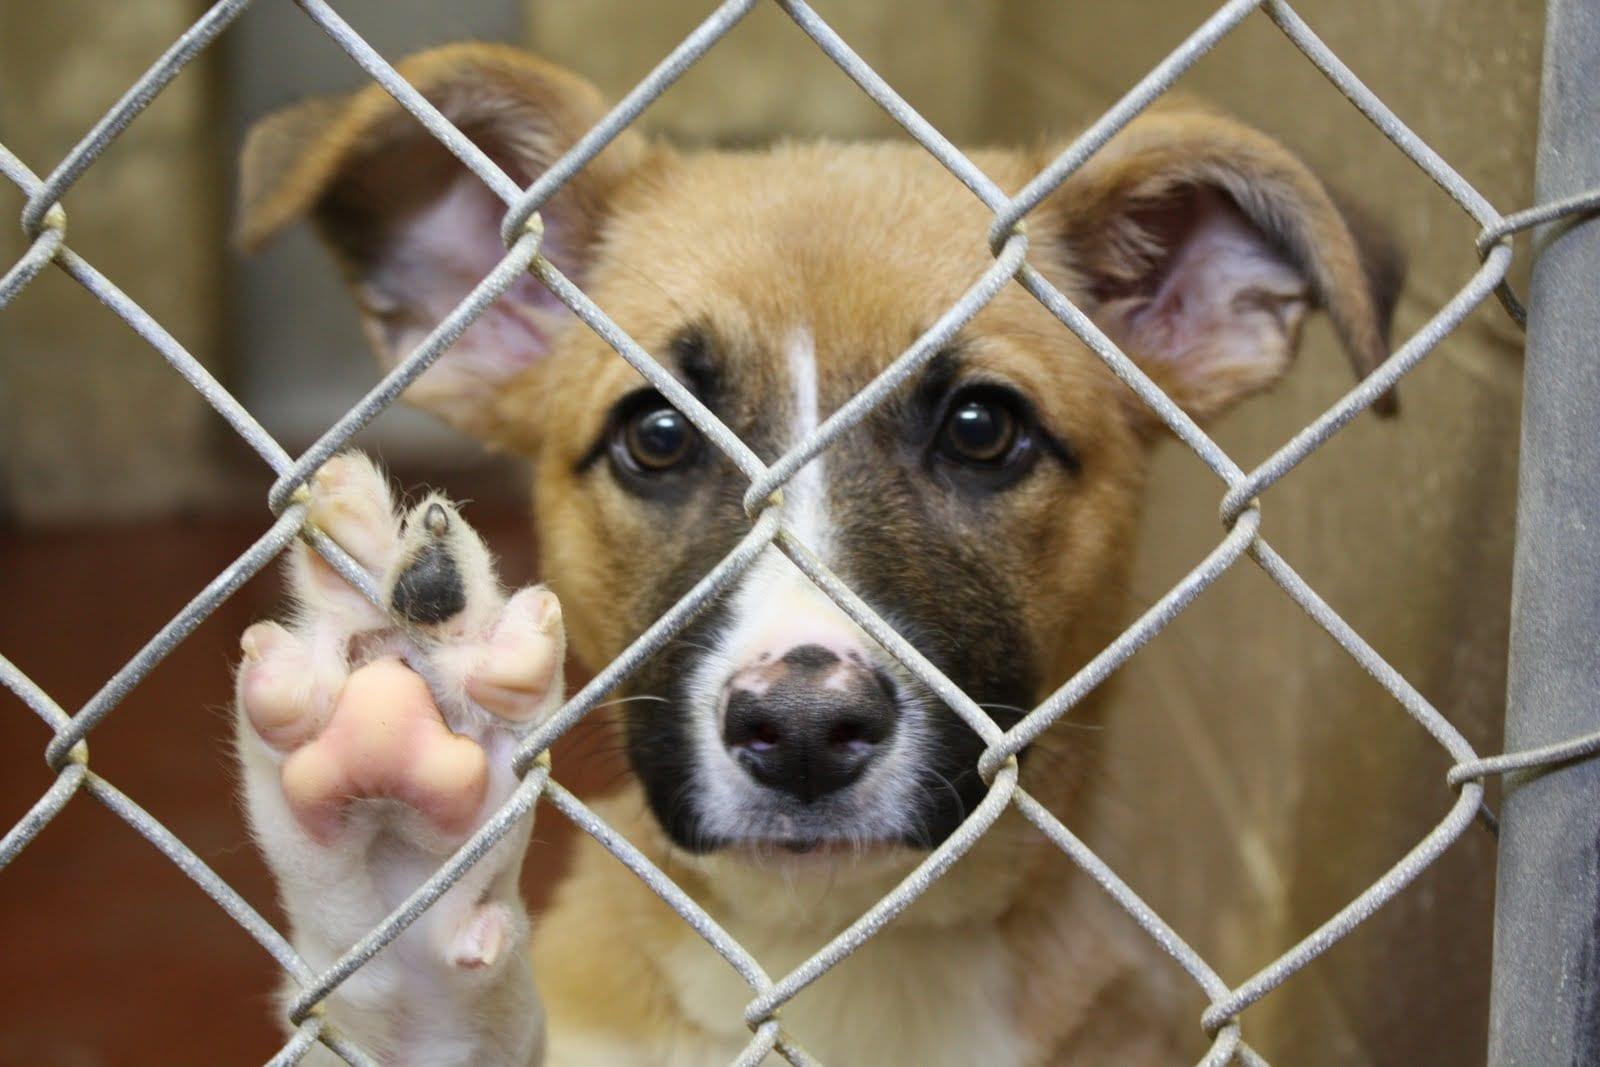 Saving Dogs